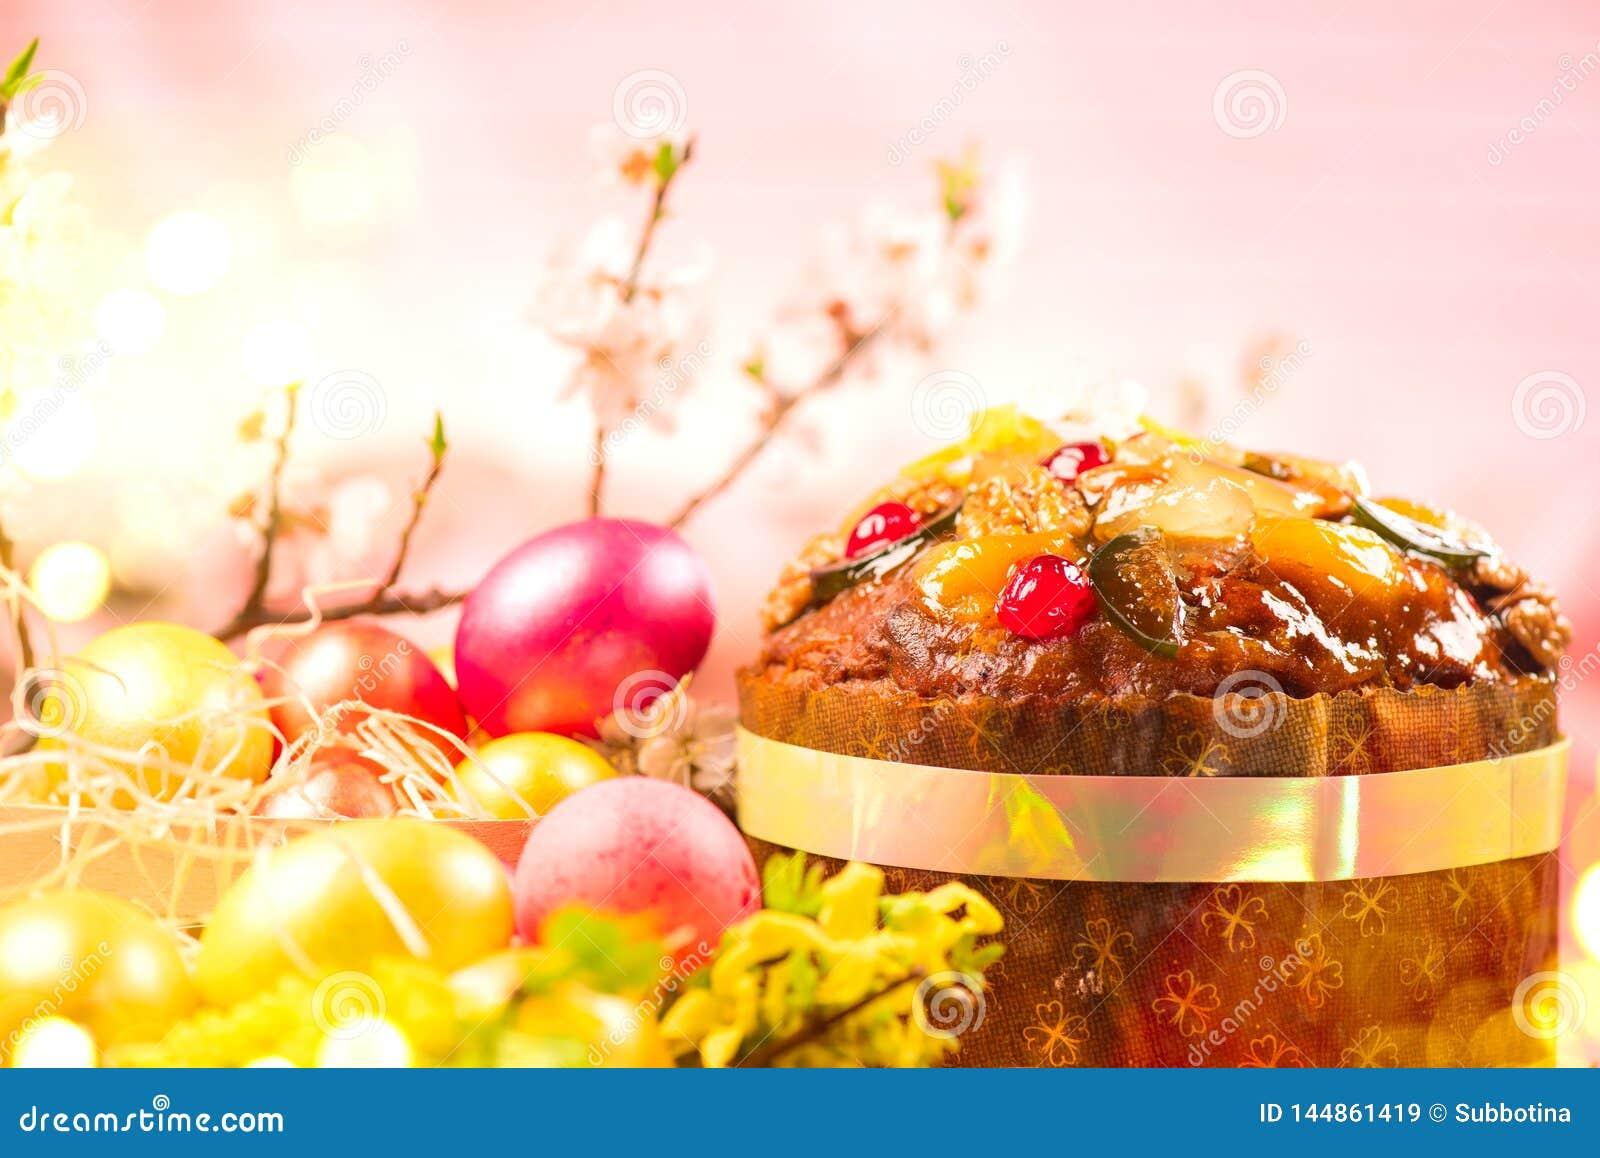 Torta de Pascua y huevos pintados coloridos Dise?o tradicional de la frontera de la comida del d?a de fiesta de Pascua aislado en